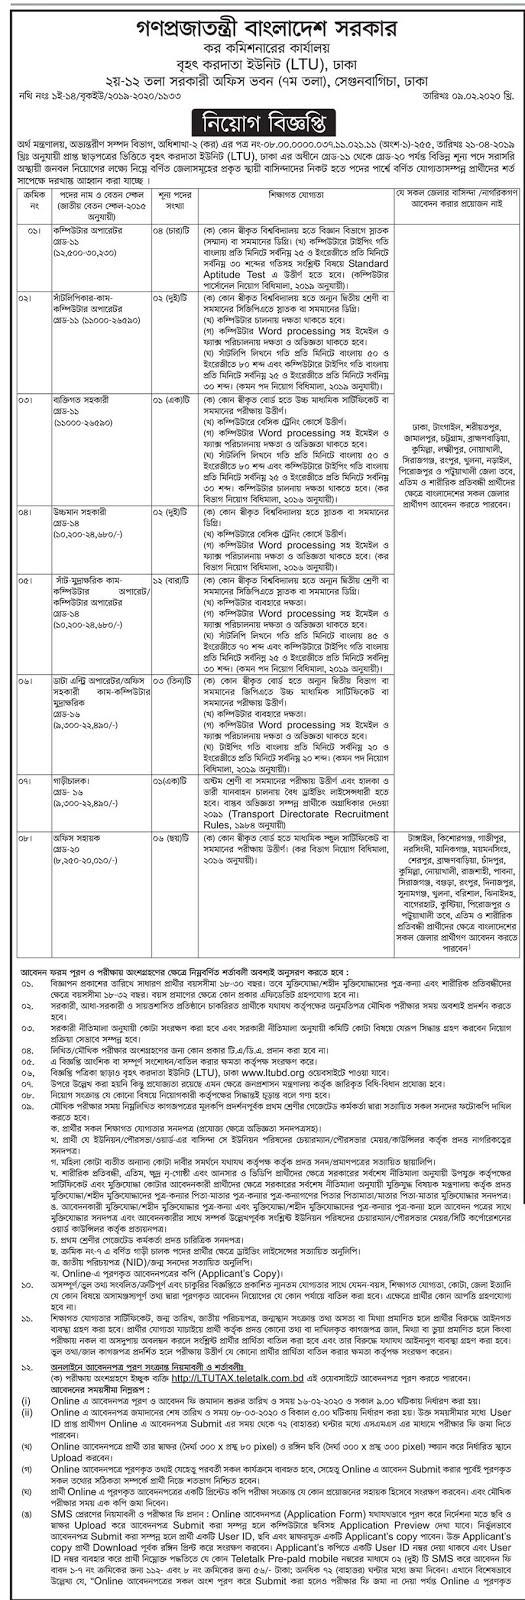 কর কমিশনারের কার্যালয়ে নিয়োগ বিজ্ঞপ্তি – Taxes Zone Job Circular 2020  Tax commissioner office job circular 2020